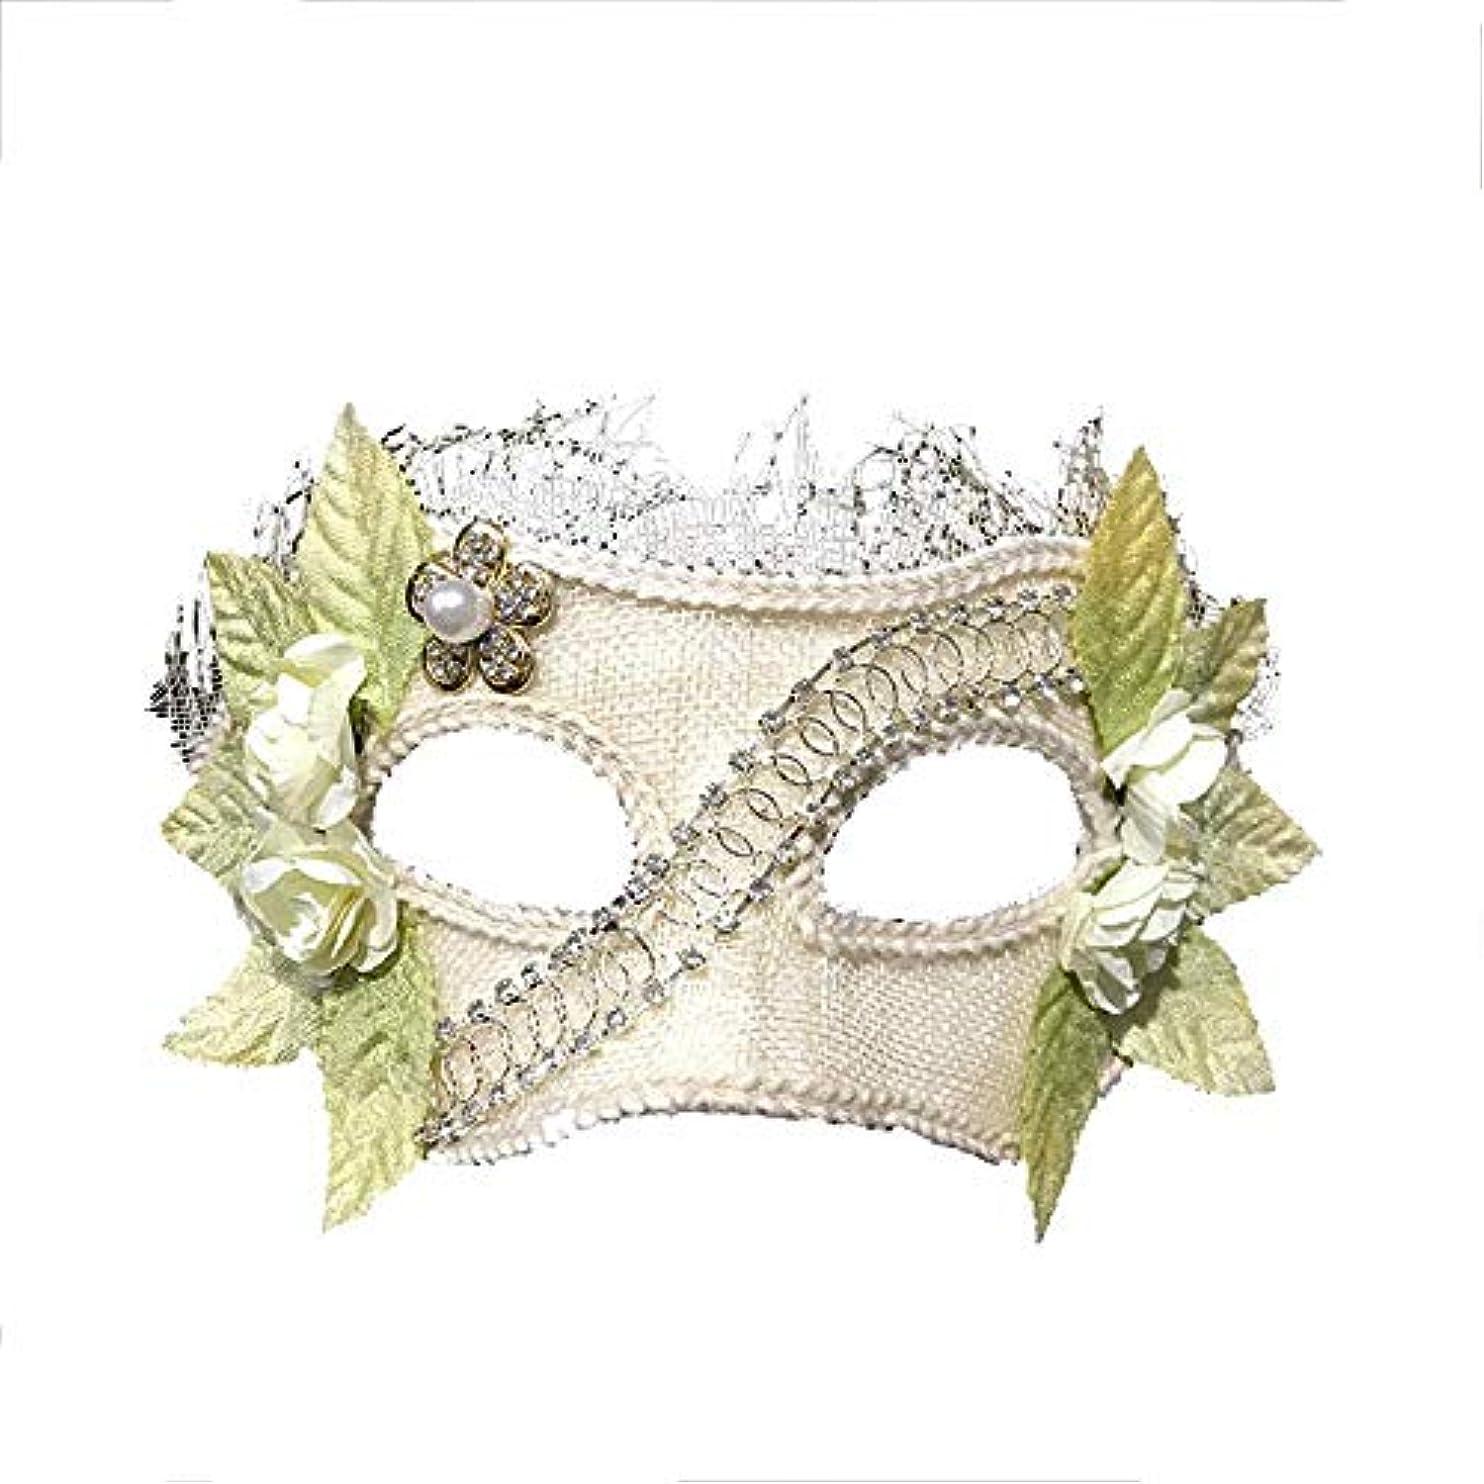 望むシェトランド諸島人間Nanle ハロウィンクリスマスフラワーフェザービーズマスク仮装マスクレディミスプリンセス美容祭パーティーデコレーションマスク (色 : Style A)